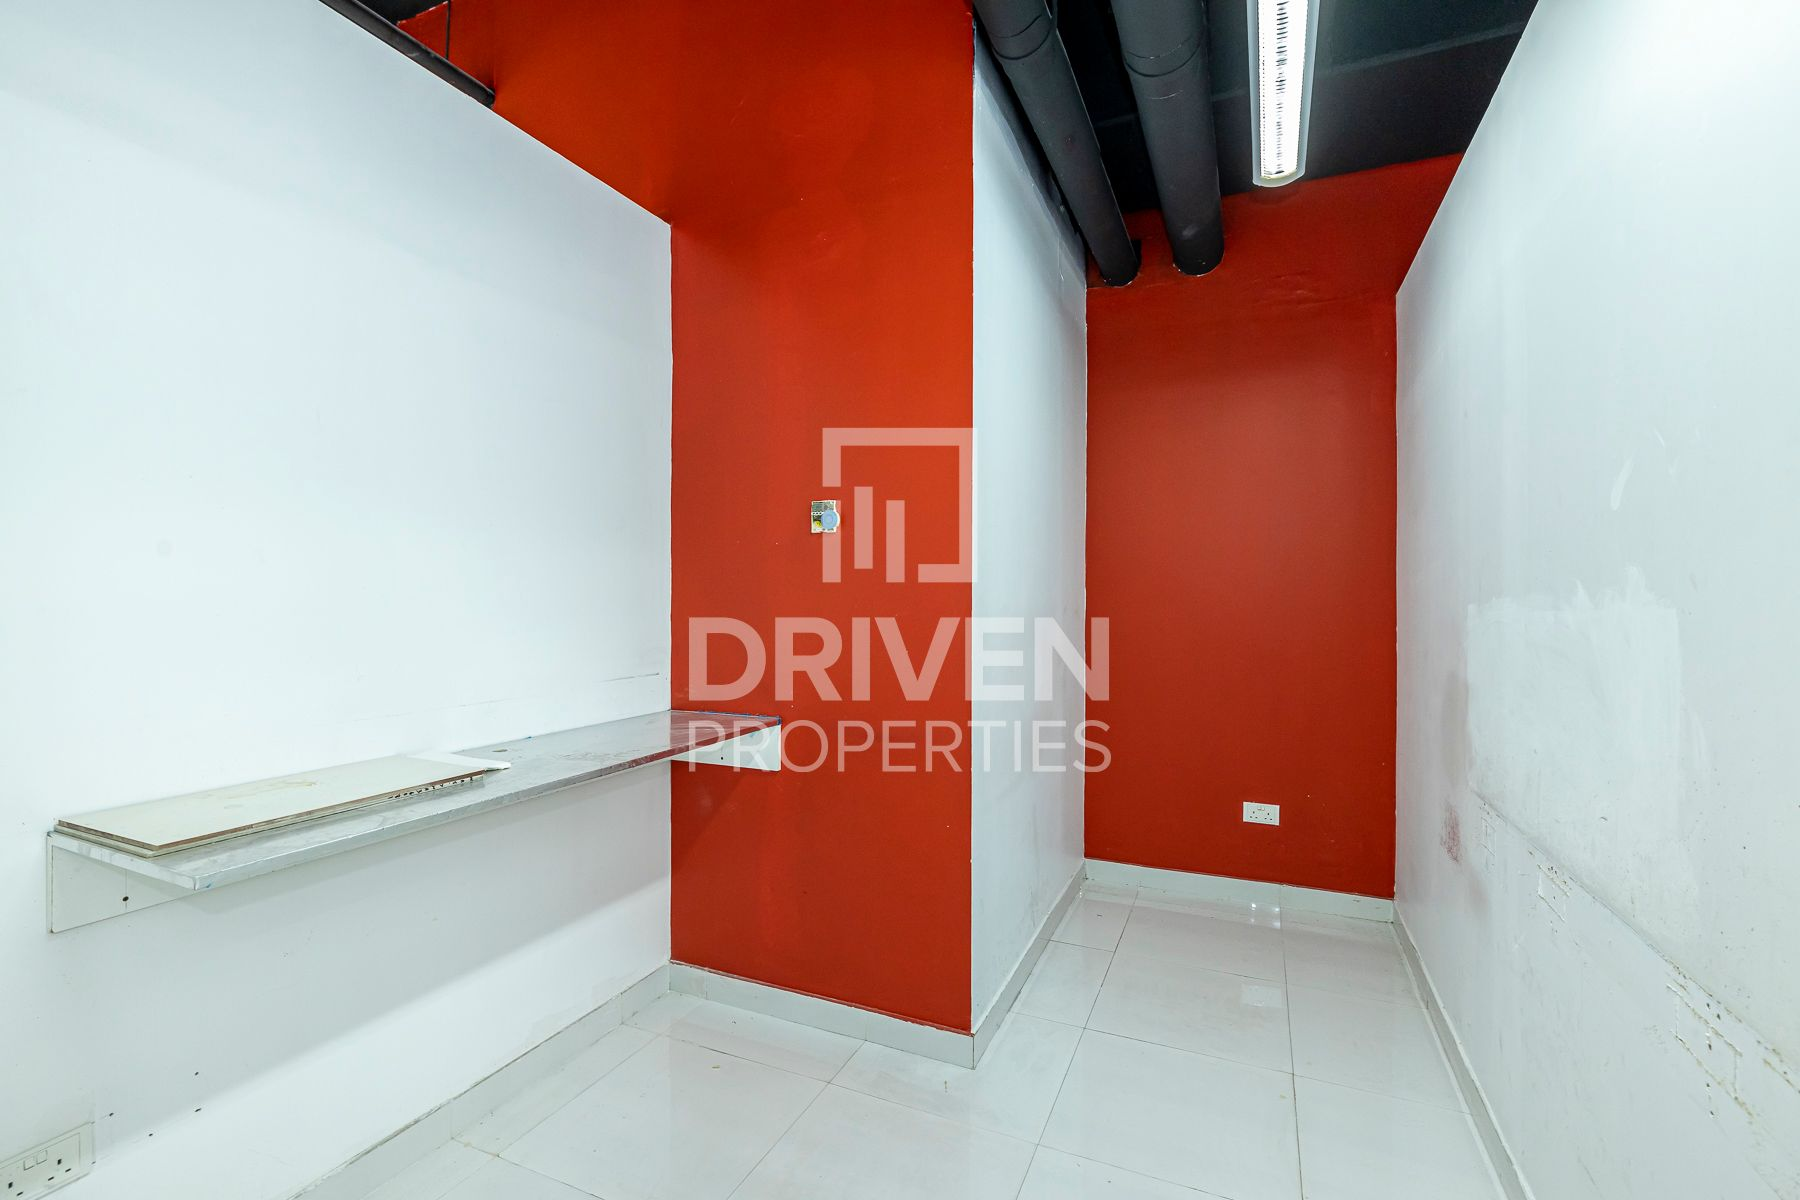 للايجار - مكتب - بزنس بارك مبنى 4 - شارع الشيخ زايد